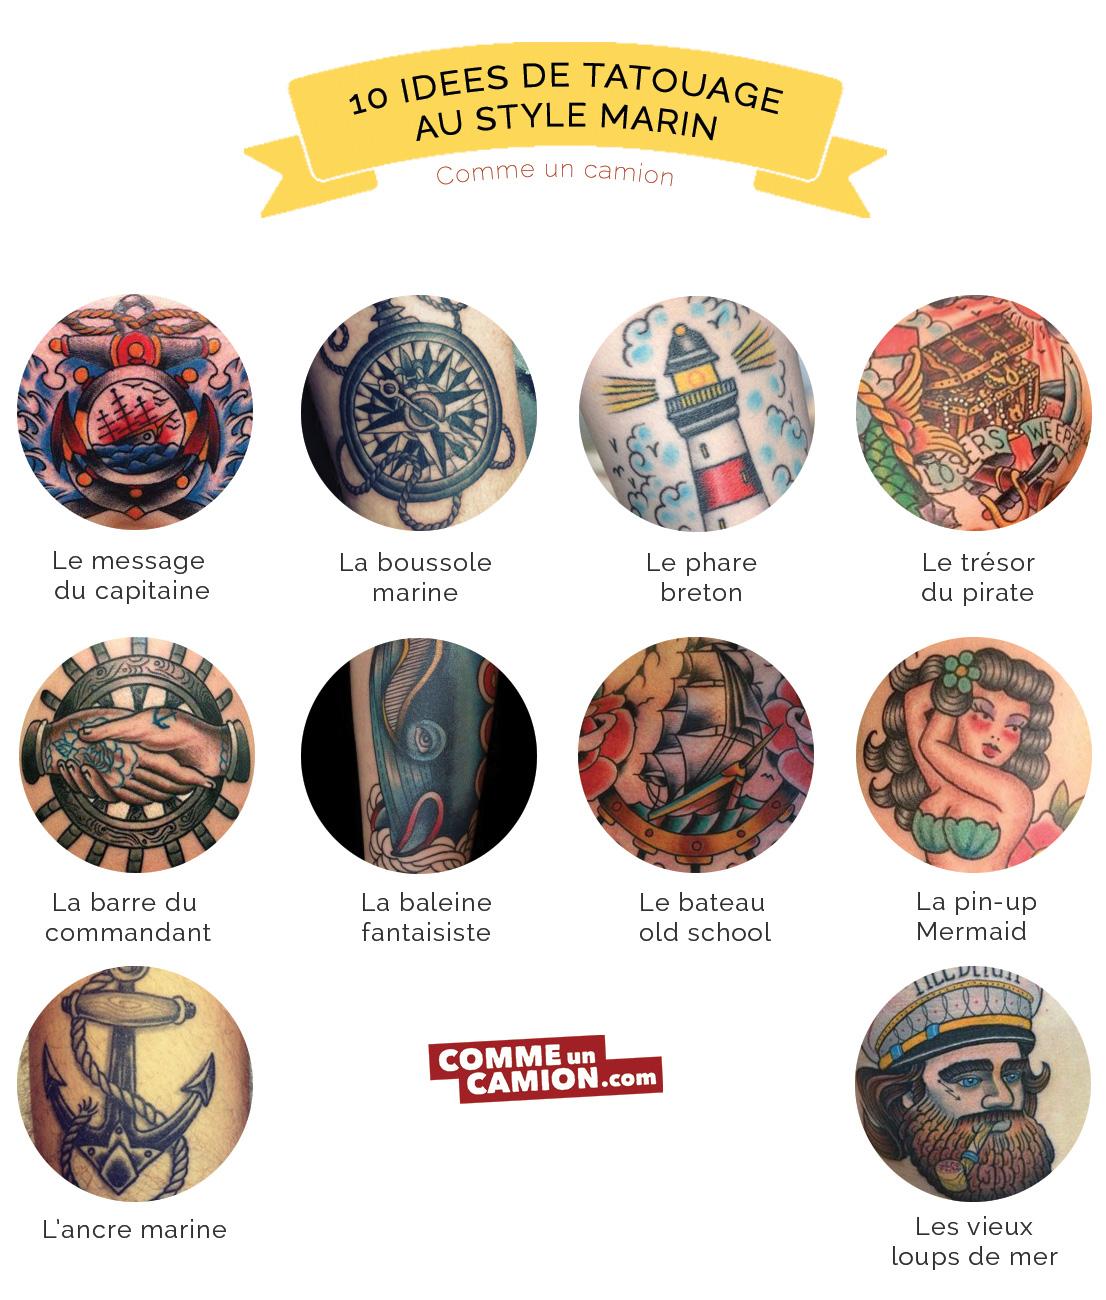 10 Idees De Tatouage Au Style Marin